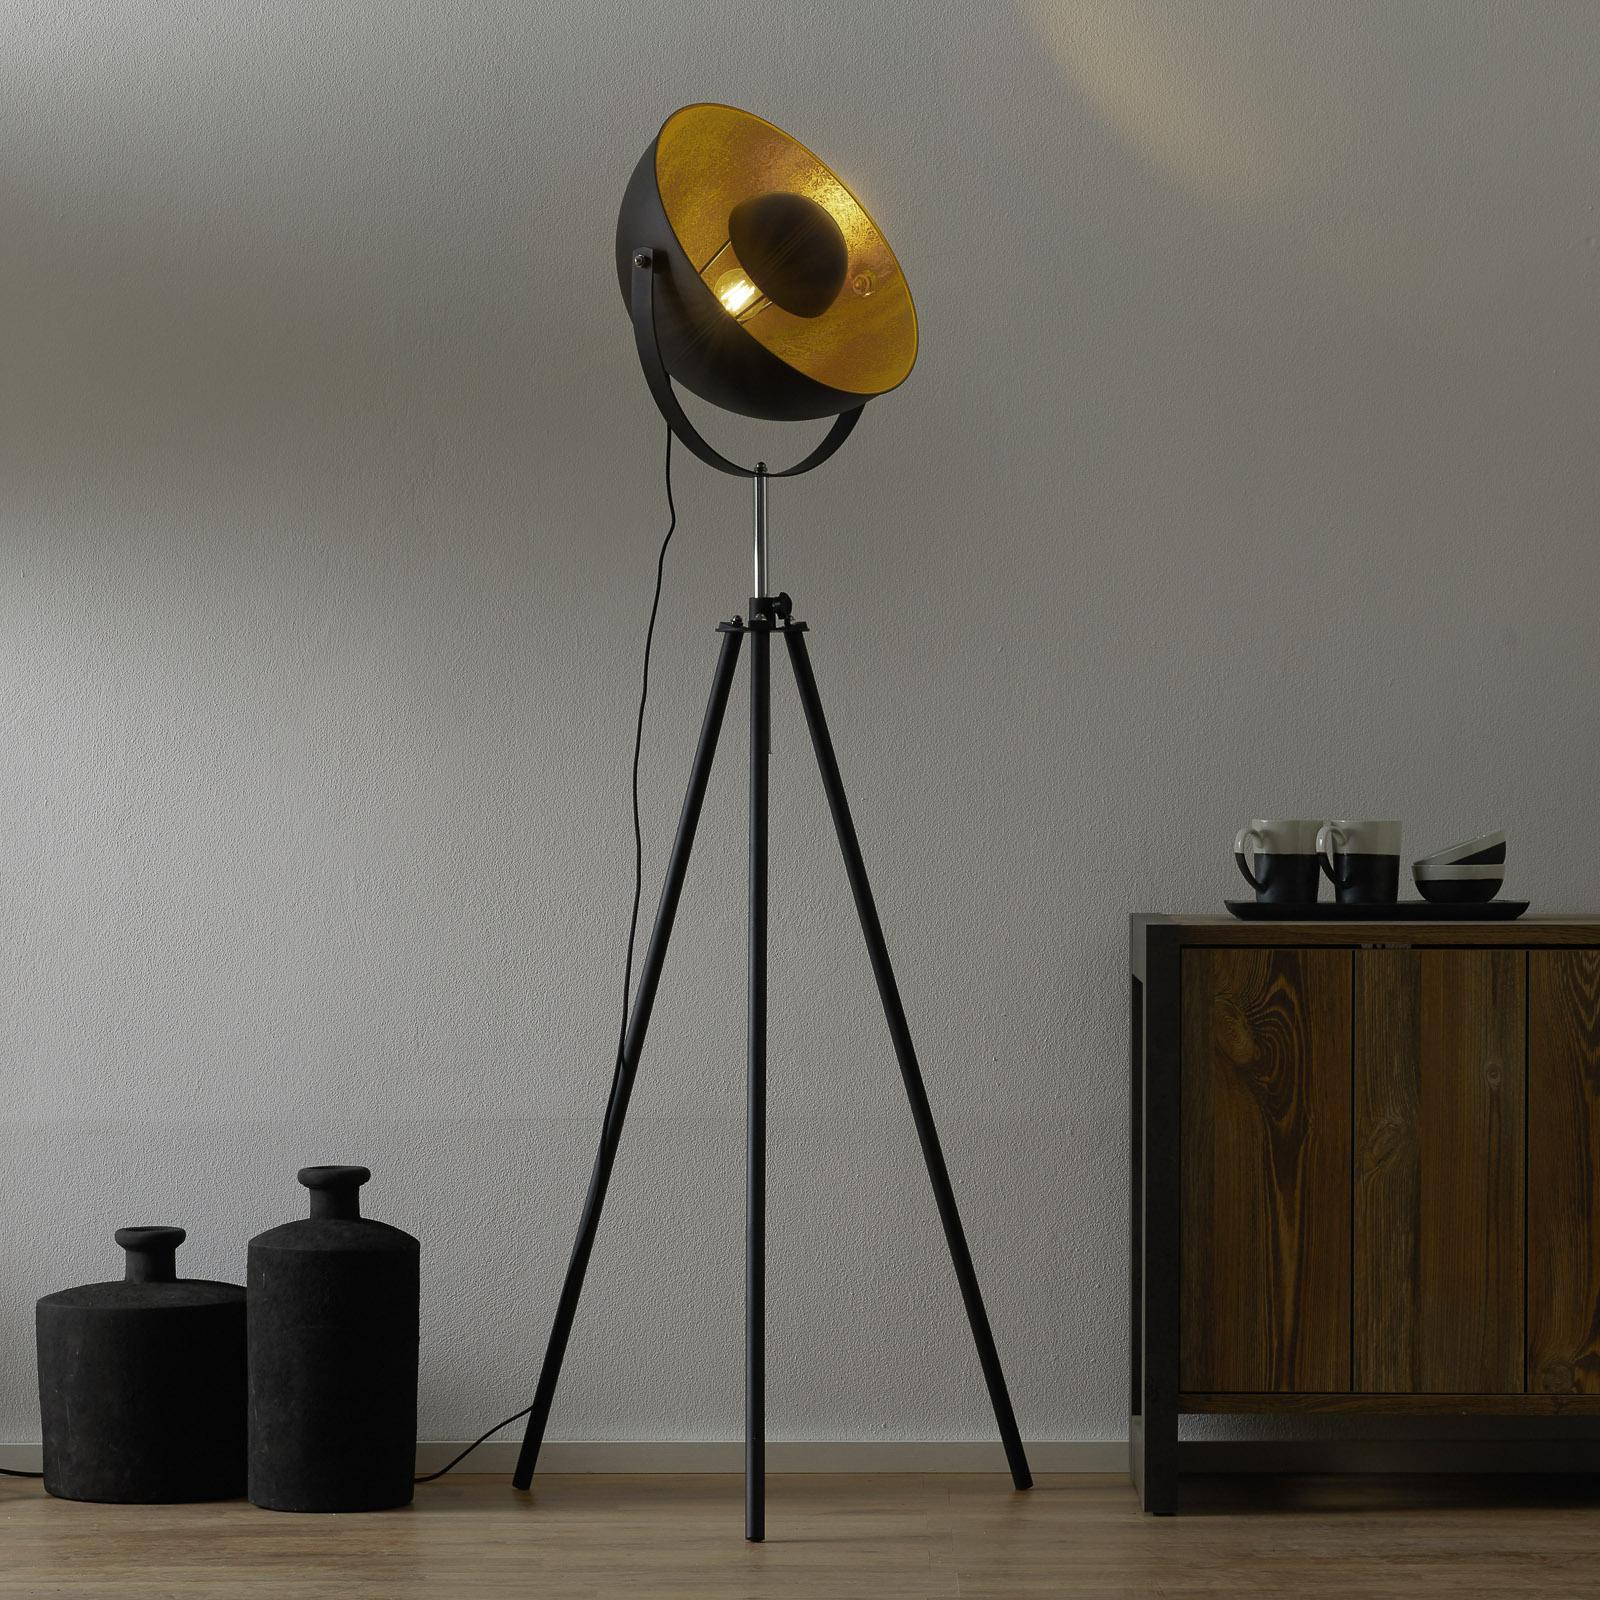 Driepotige vloerlamp Lenn, zwart-goud